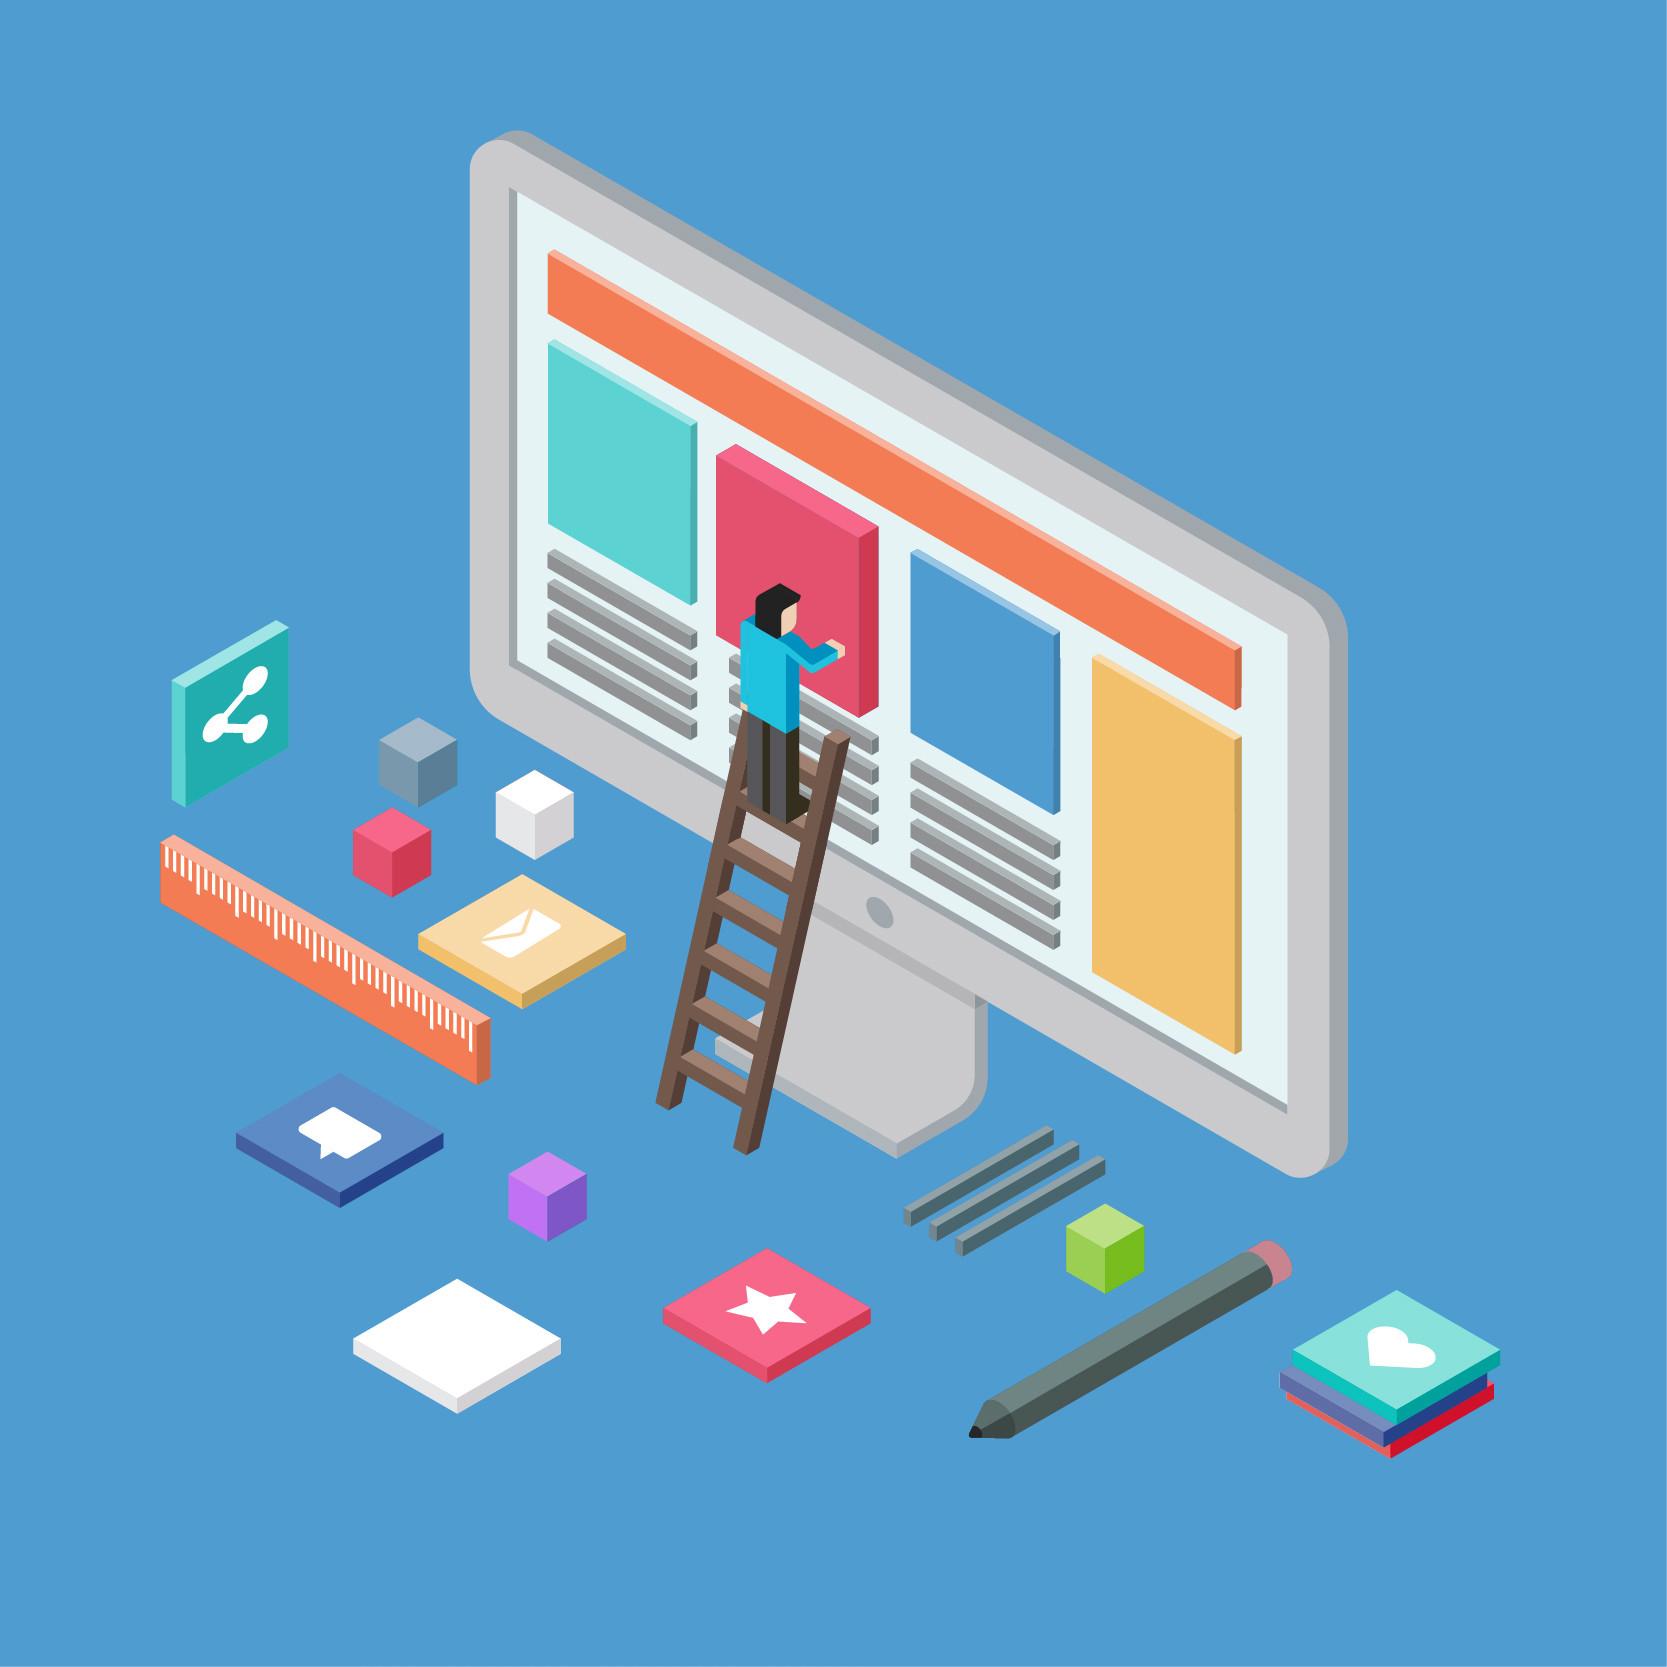 registro de dominios - como comprar dominio